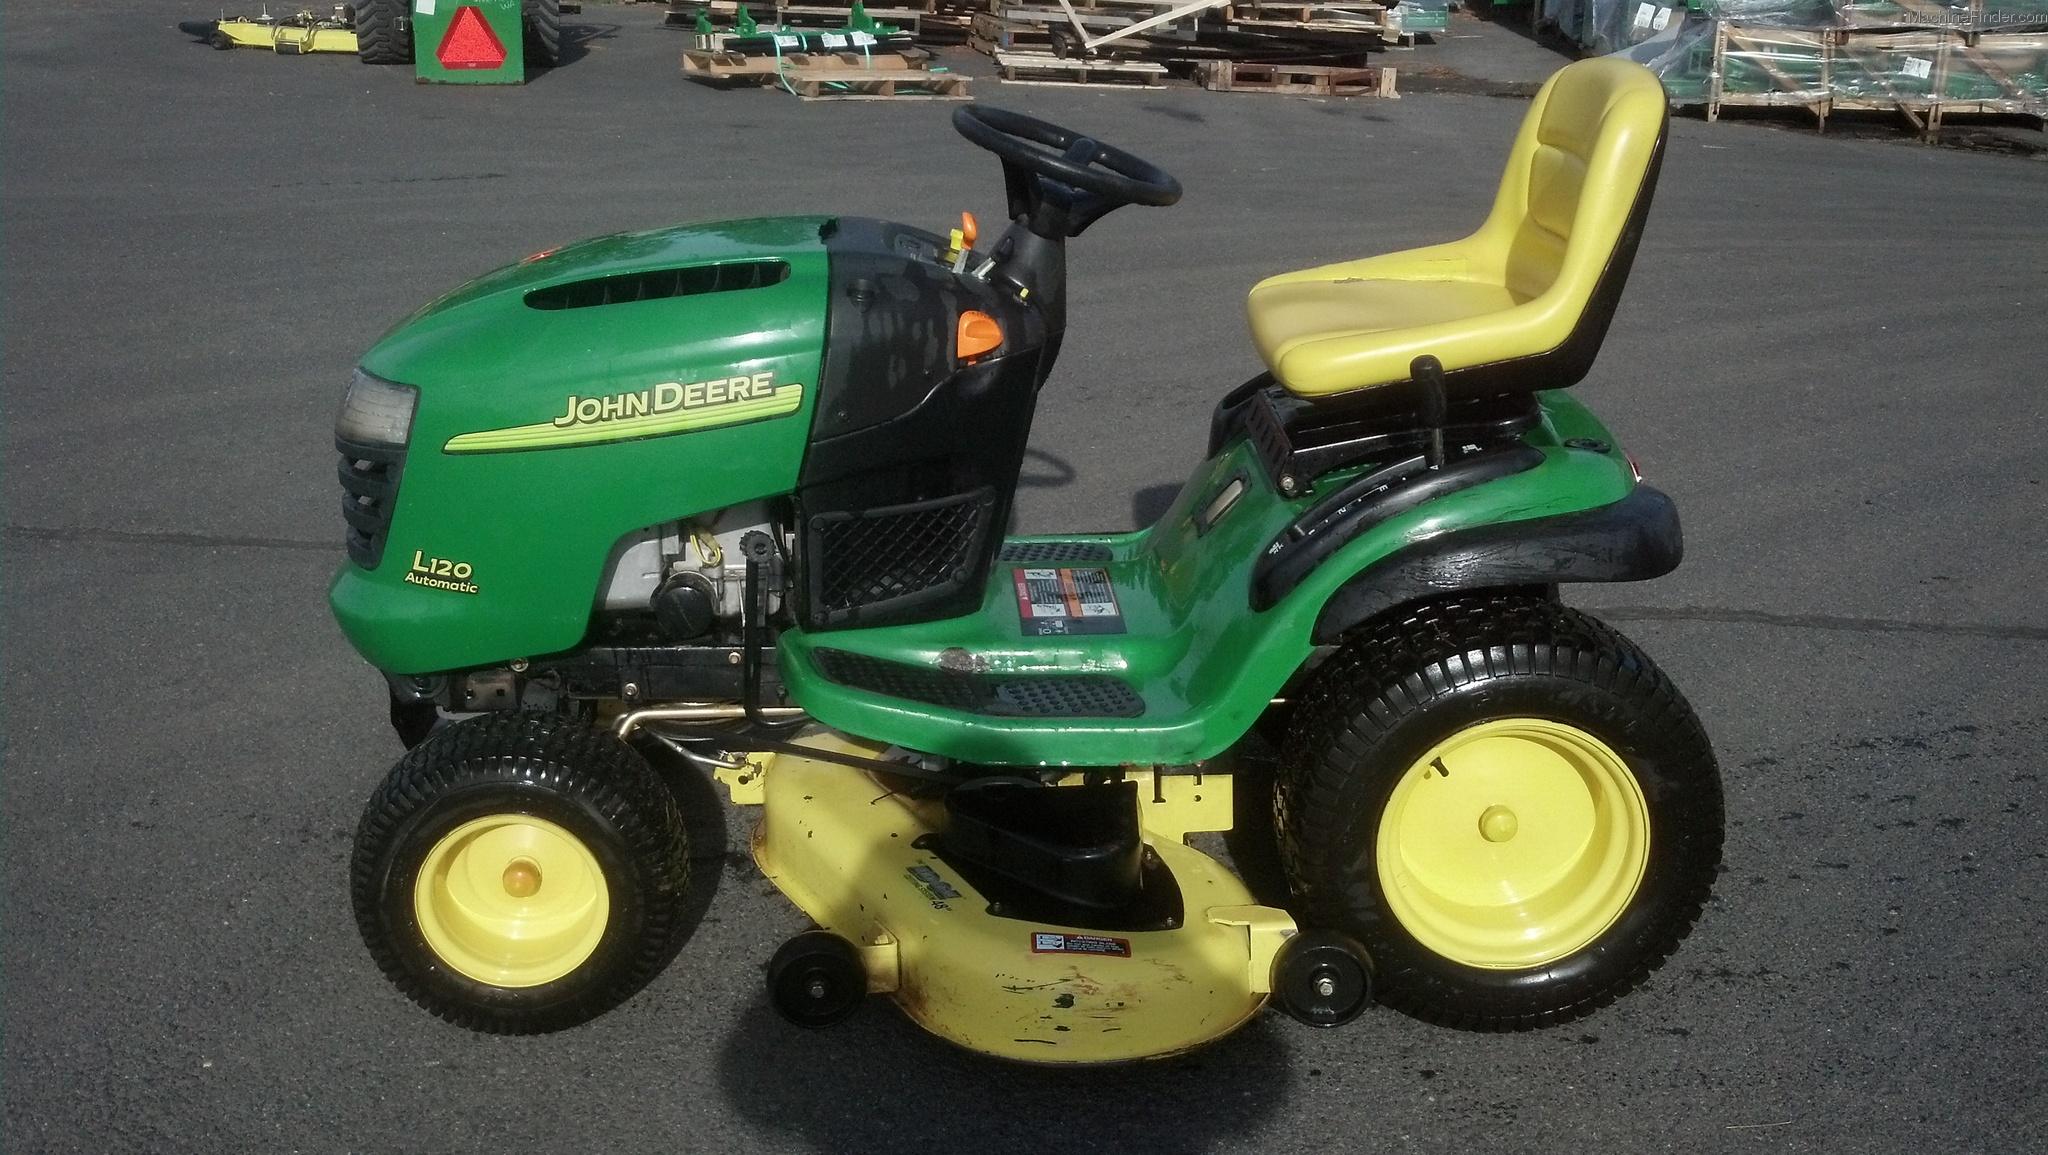 John Deere L120 Lawn Tractor Tractors La125 Wiring Diagram